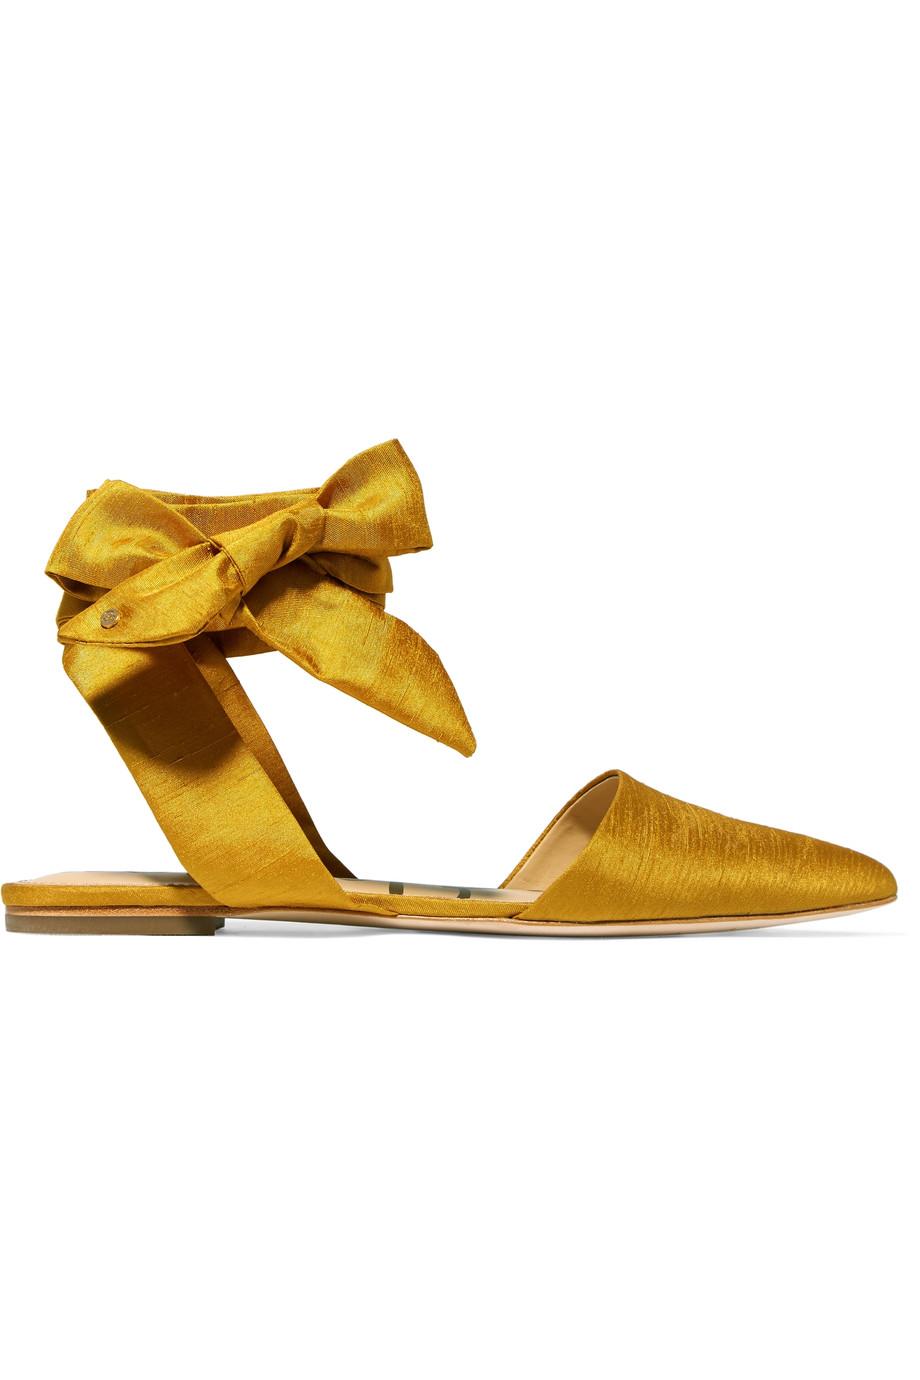 Sam Edelman Brandie Satin Point-toe Flats